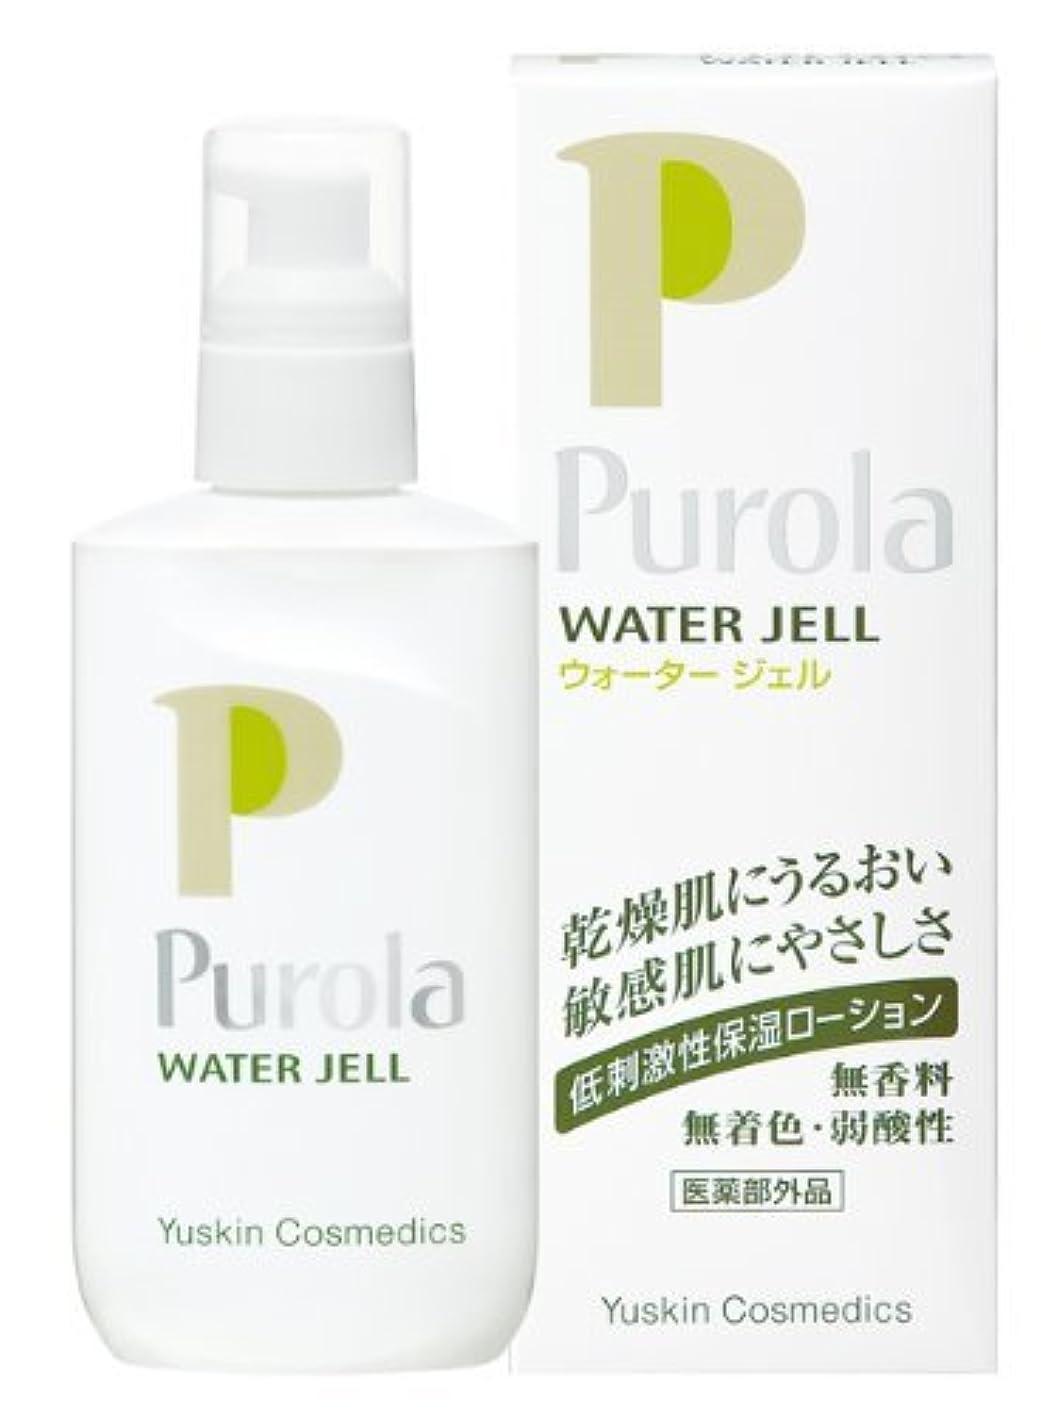 狂人ブラウザポイントプローラ 薬用ウォータージェル 150ml (敏感肌用 化粧水) 【医薬部外品】